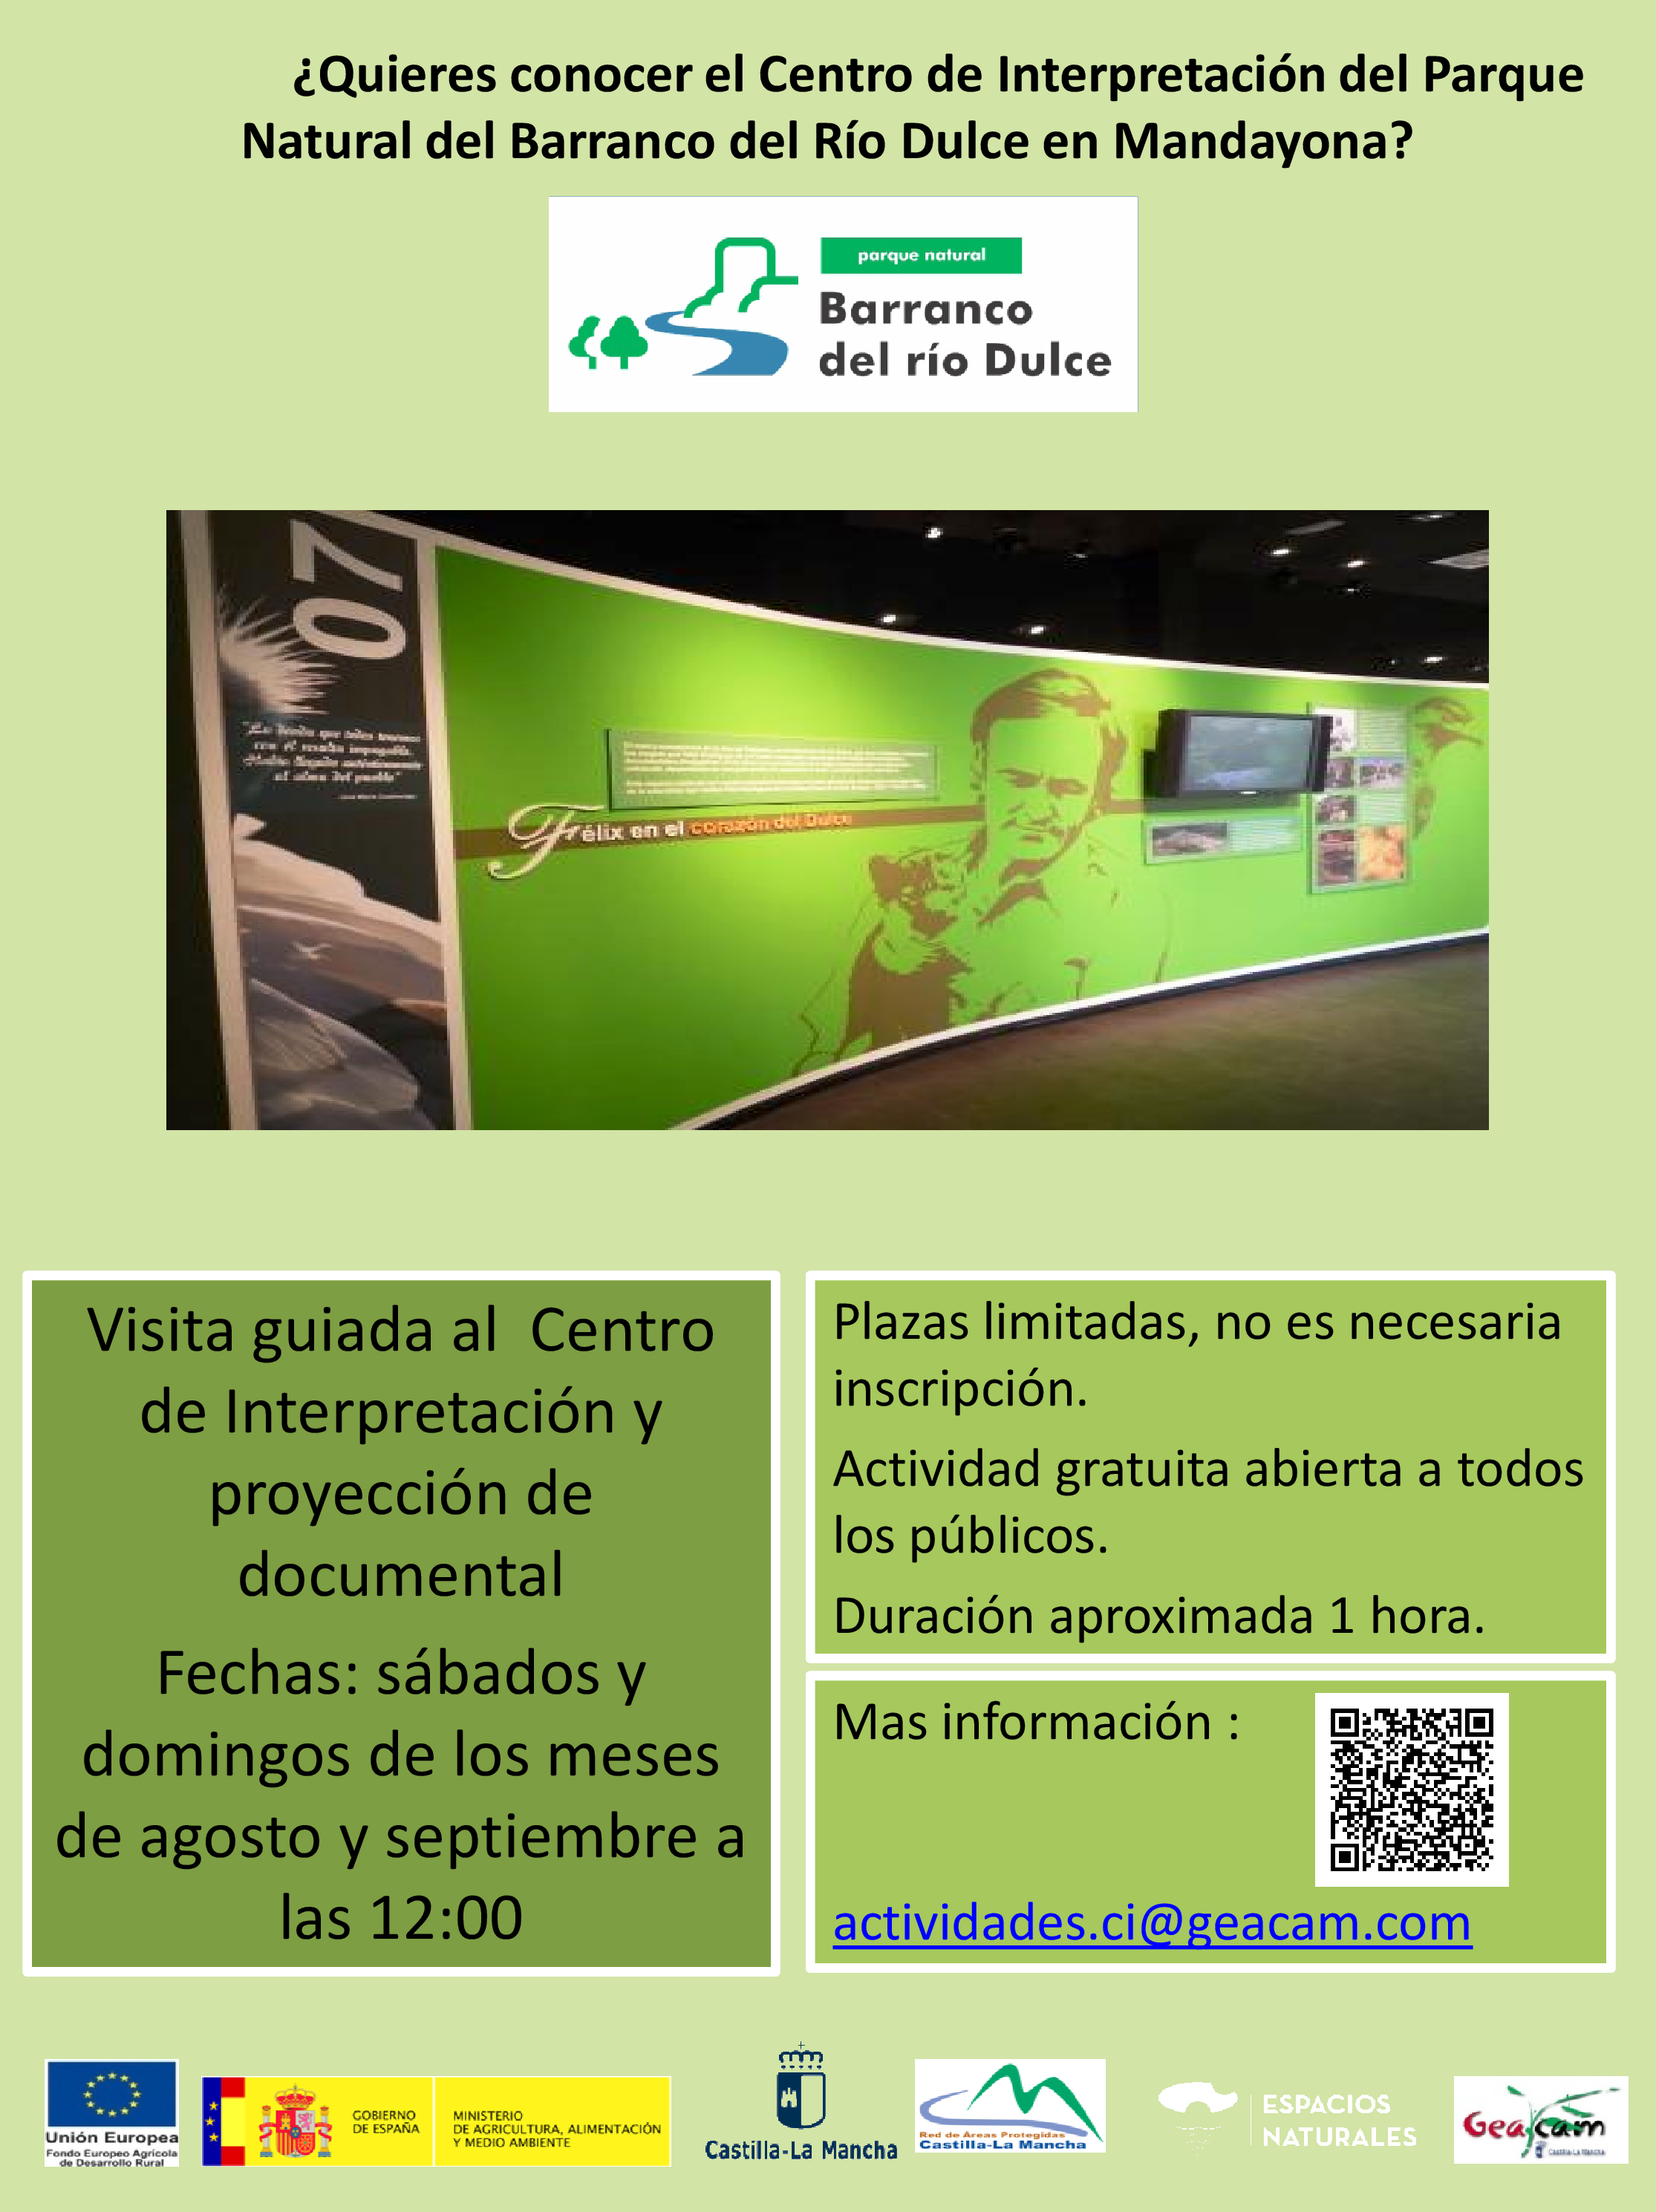 Imagen de la actividad VISITAS GUIADAS AL CENTRO DE INTERPRETACIÓN DEL PARQUE NATURAL DEL BARRANCO DEL RIÓ DULCE EN MANDAYONA